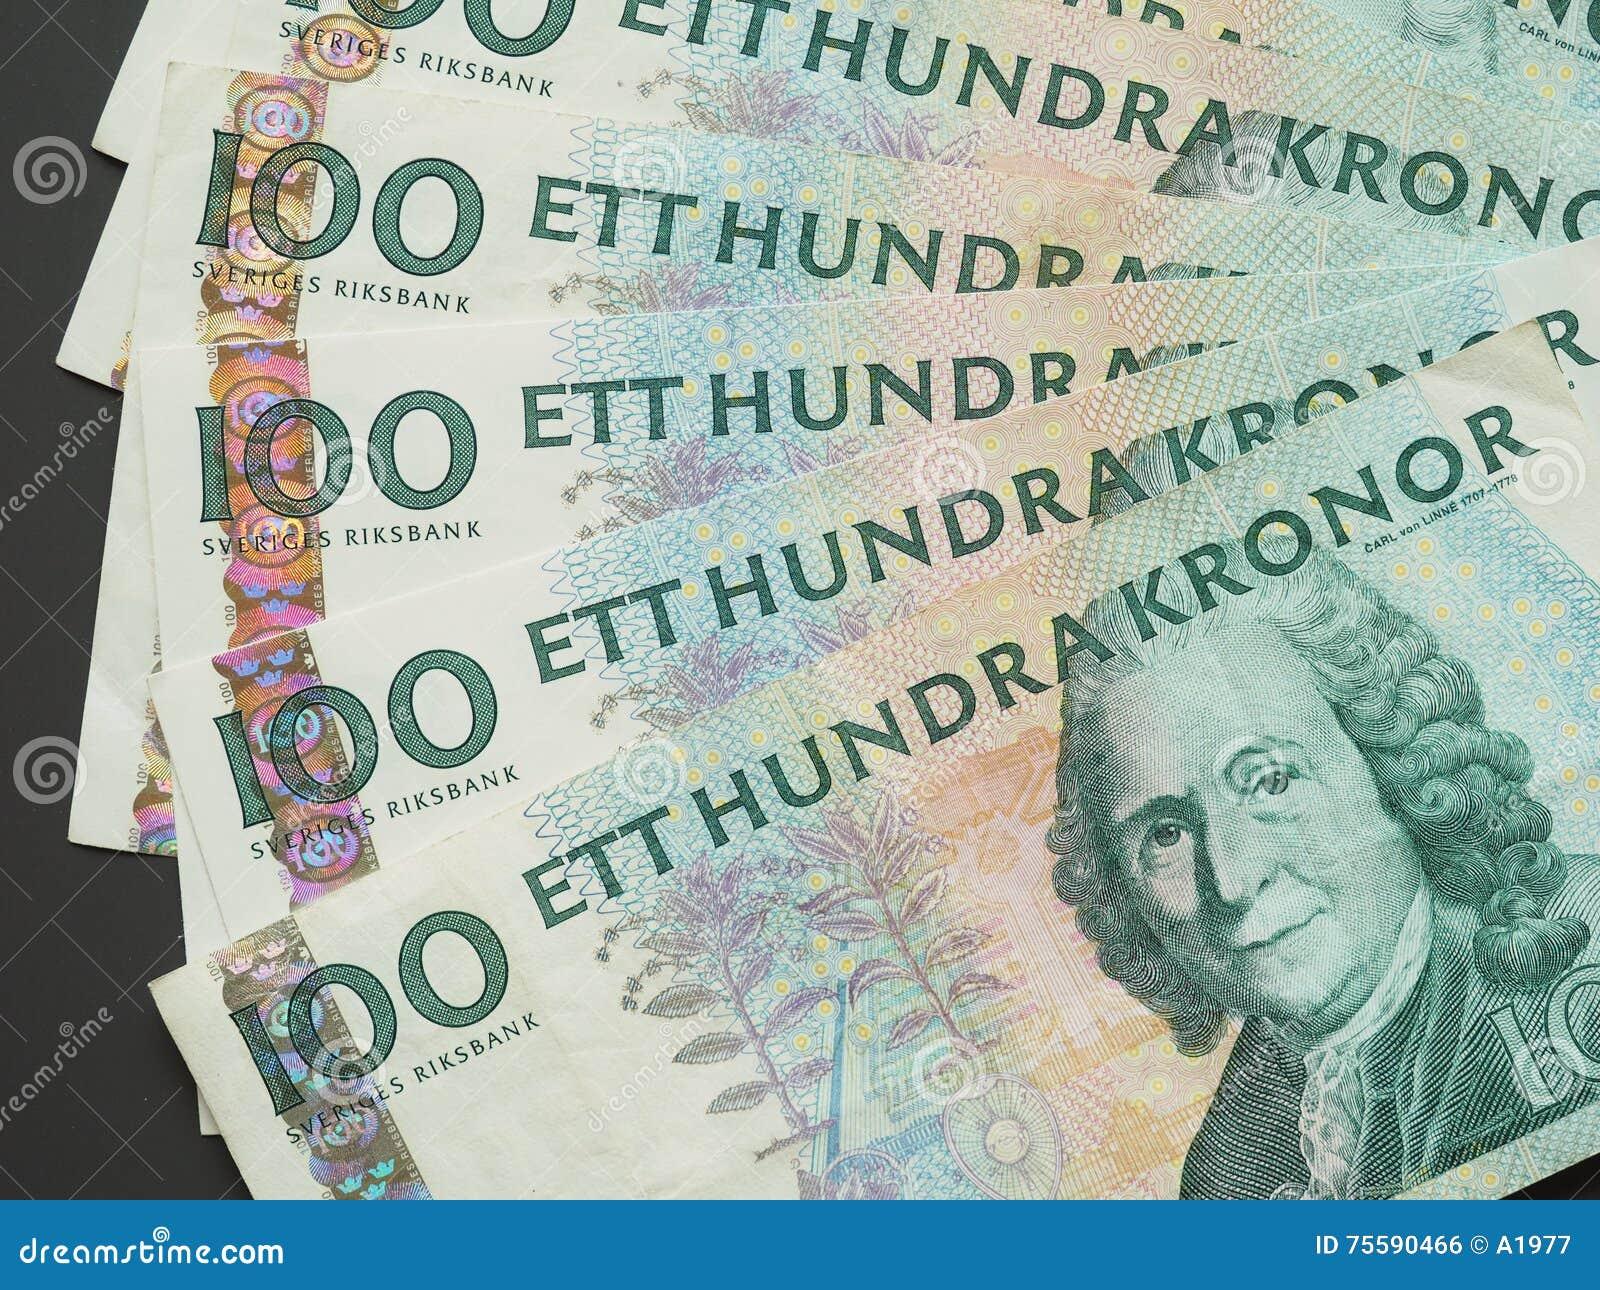 100 Sek In Eur